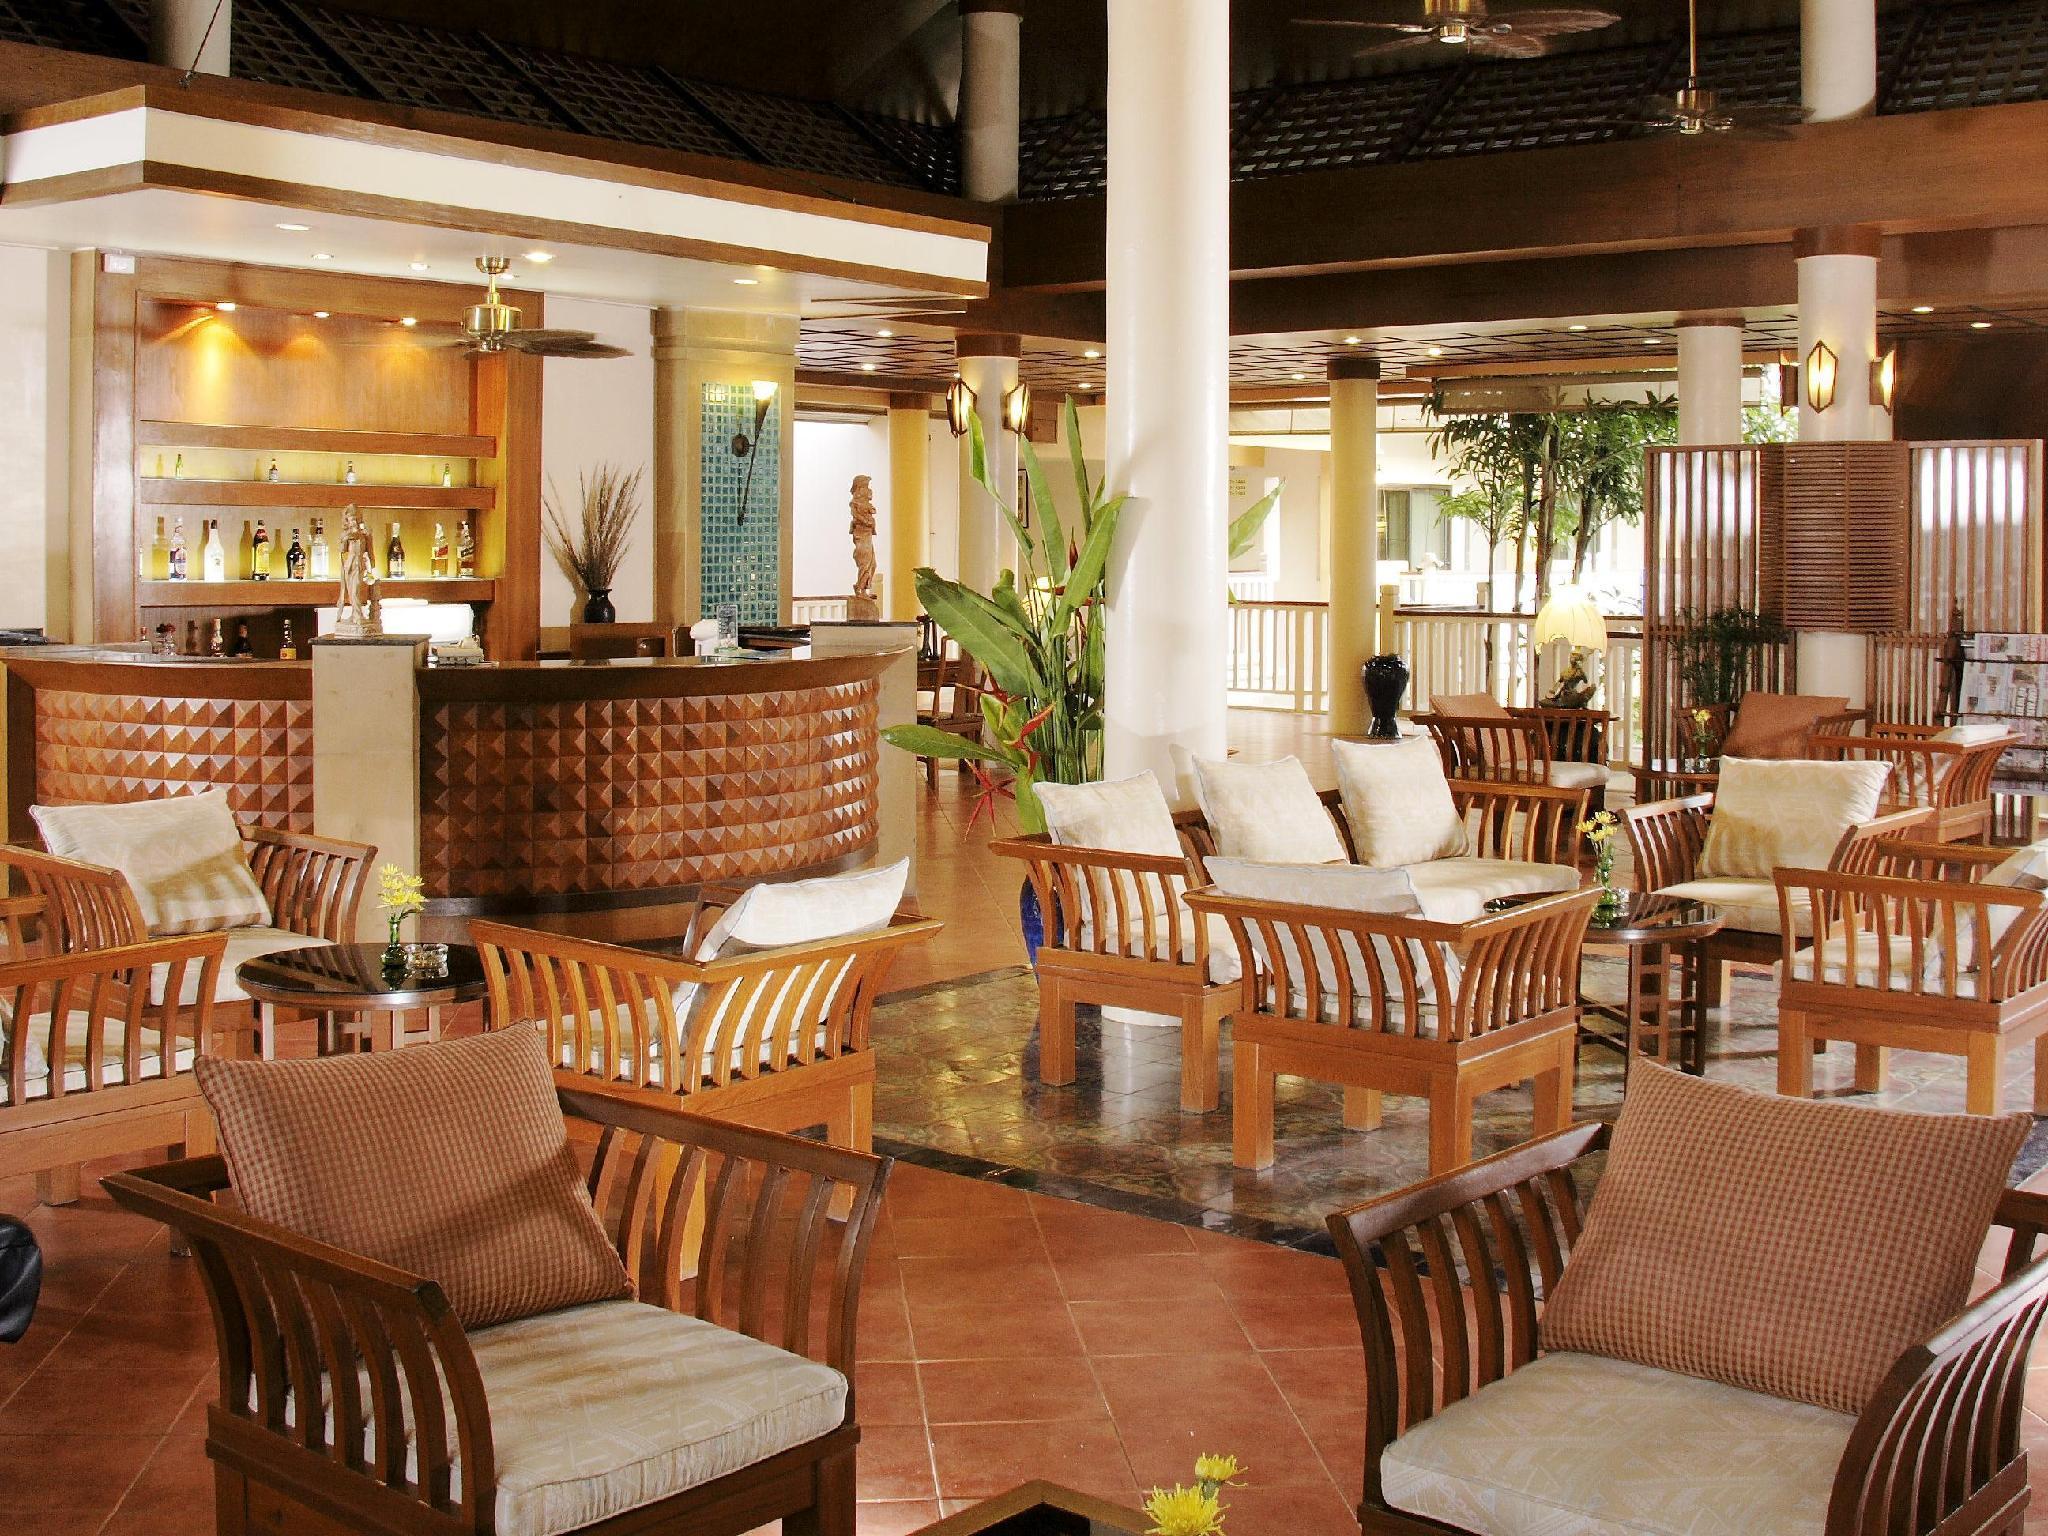 Thara Patong Beach Resort & Spa ธารา ป่าตอง บีช รีสอร์ท แอนด์ สปา